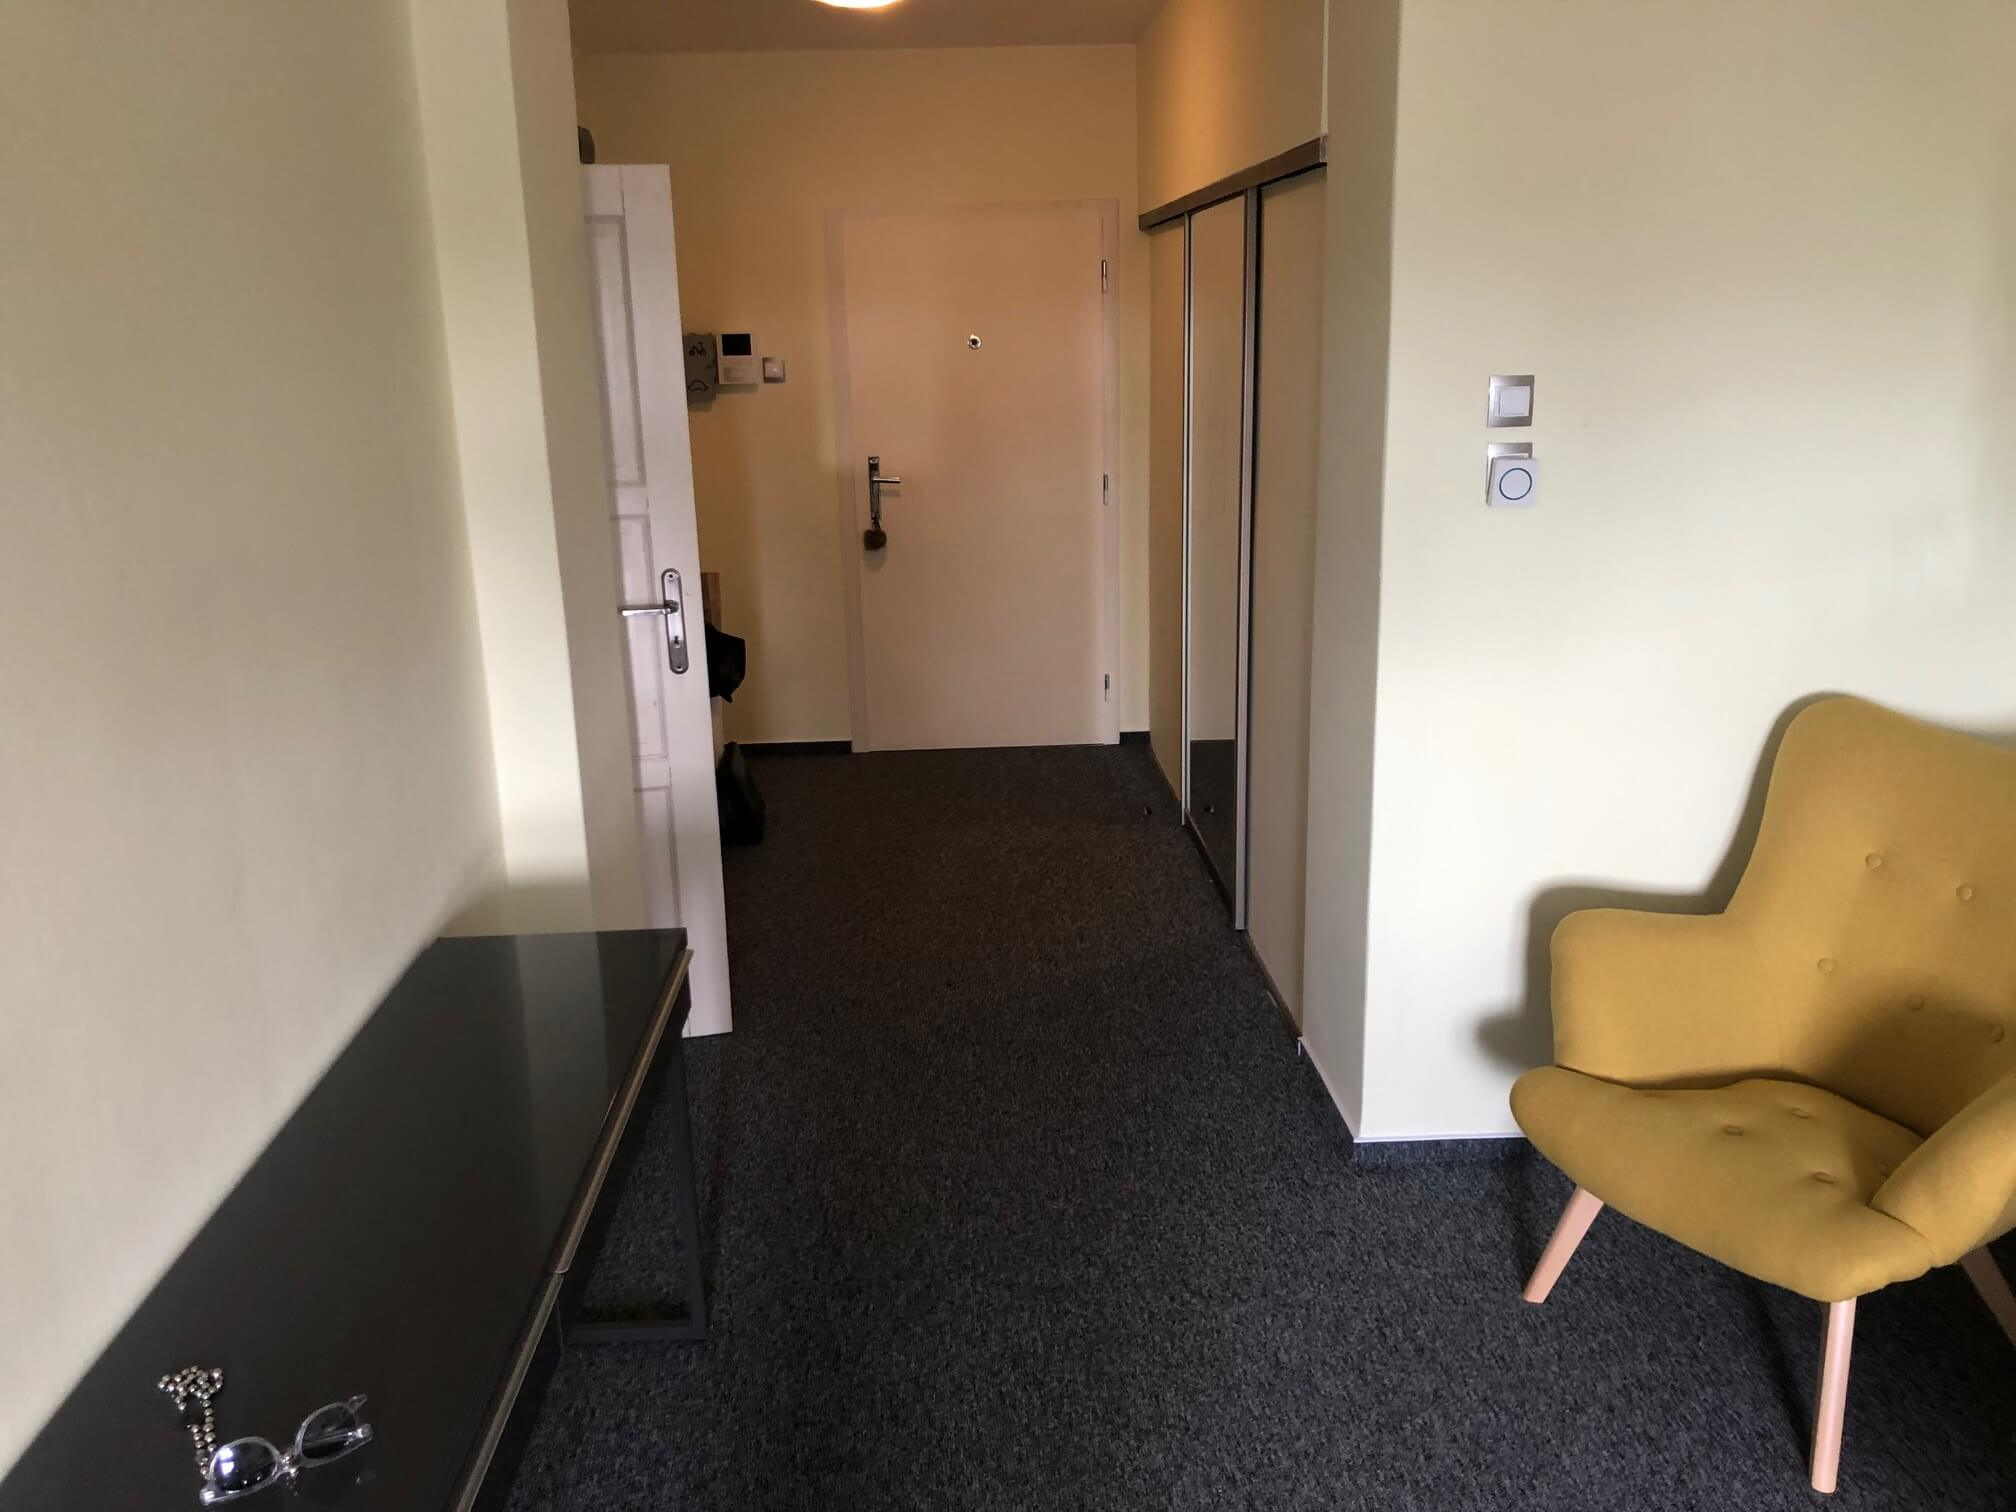 Na prenájom exkluzívne 2 izbový byt, 73,34m2, v Centre BA, Gorkeho 7, 7 poschodie-29